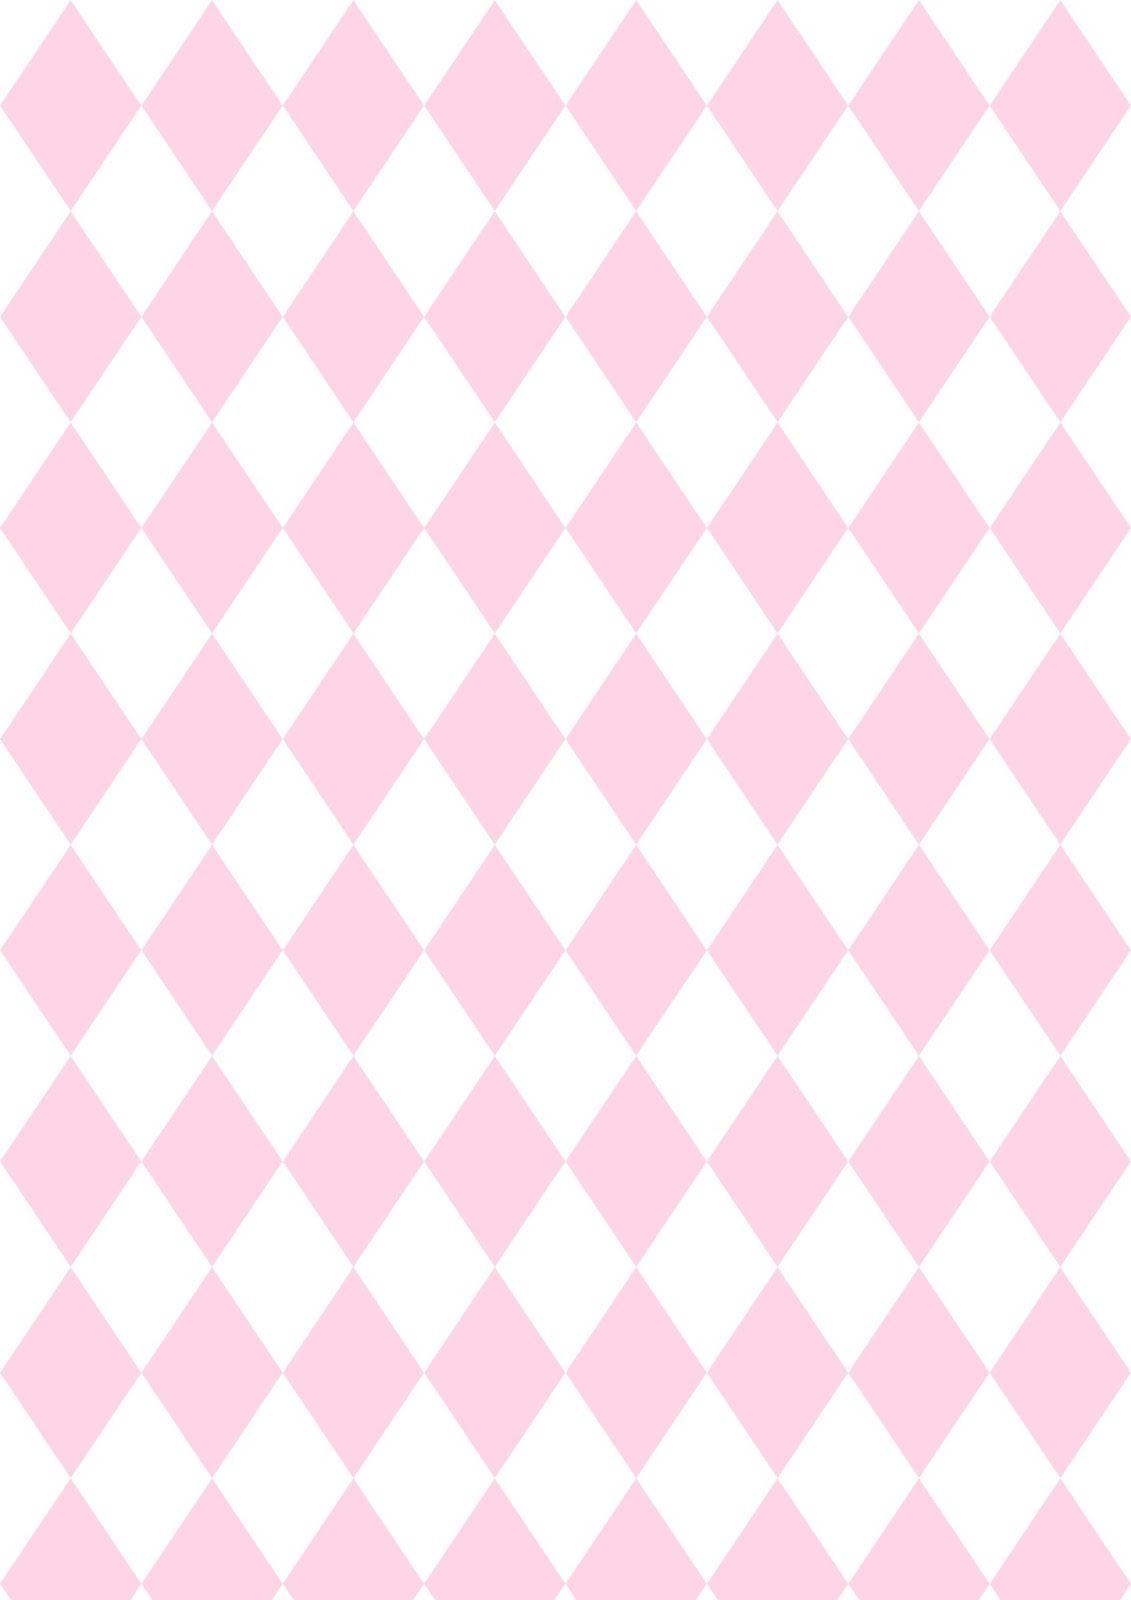 Free Digital Pink Harlequin Scrapbooking Paper - Ausdruckbares - Free Printable Patterns